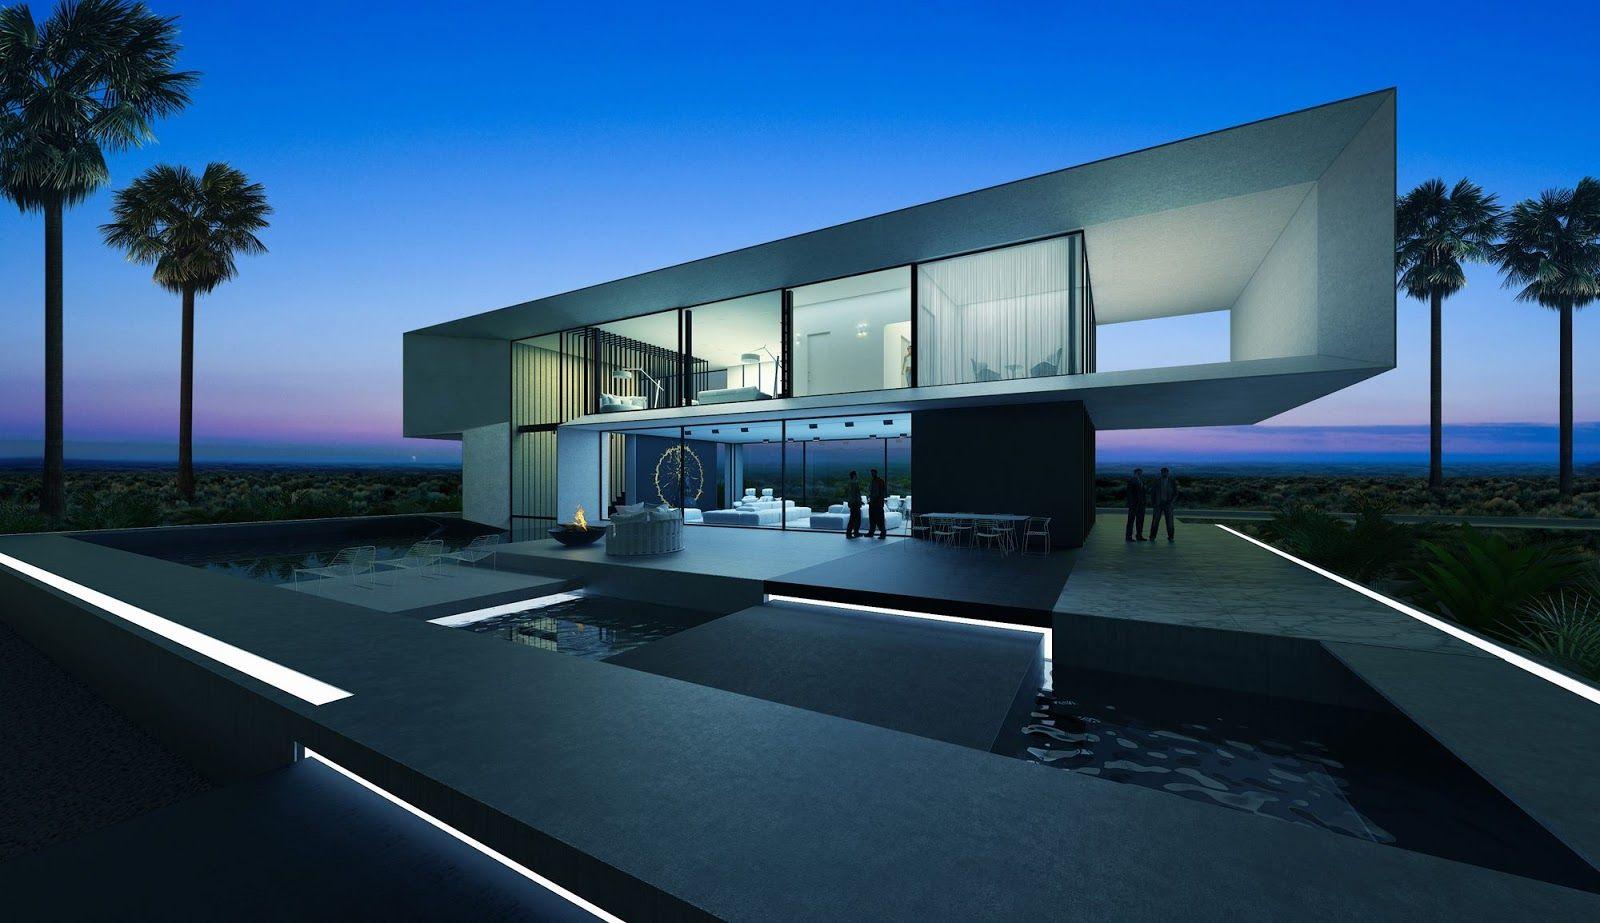 T house 300m2 Архитекторы, Современные дома, Архитектура